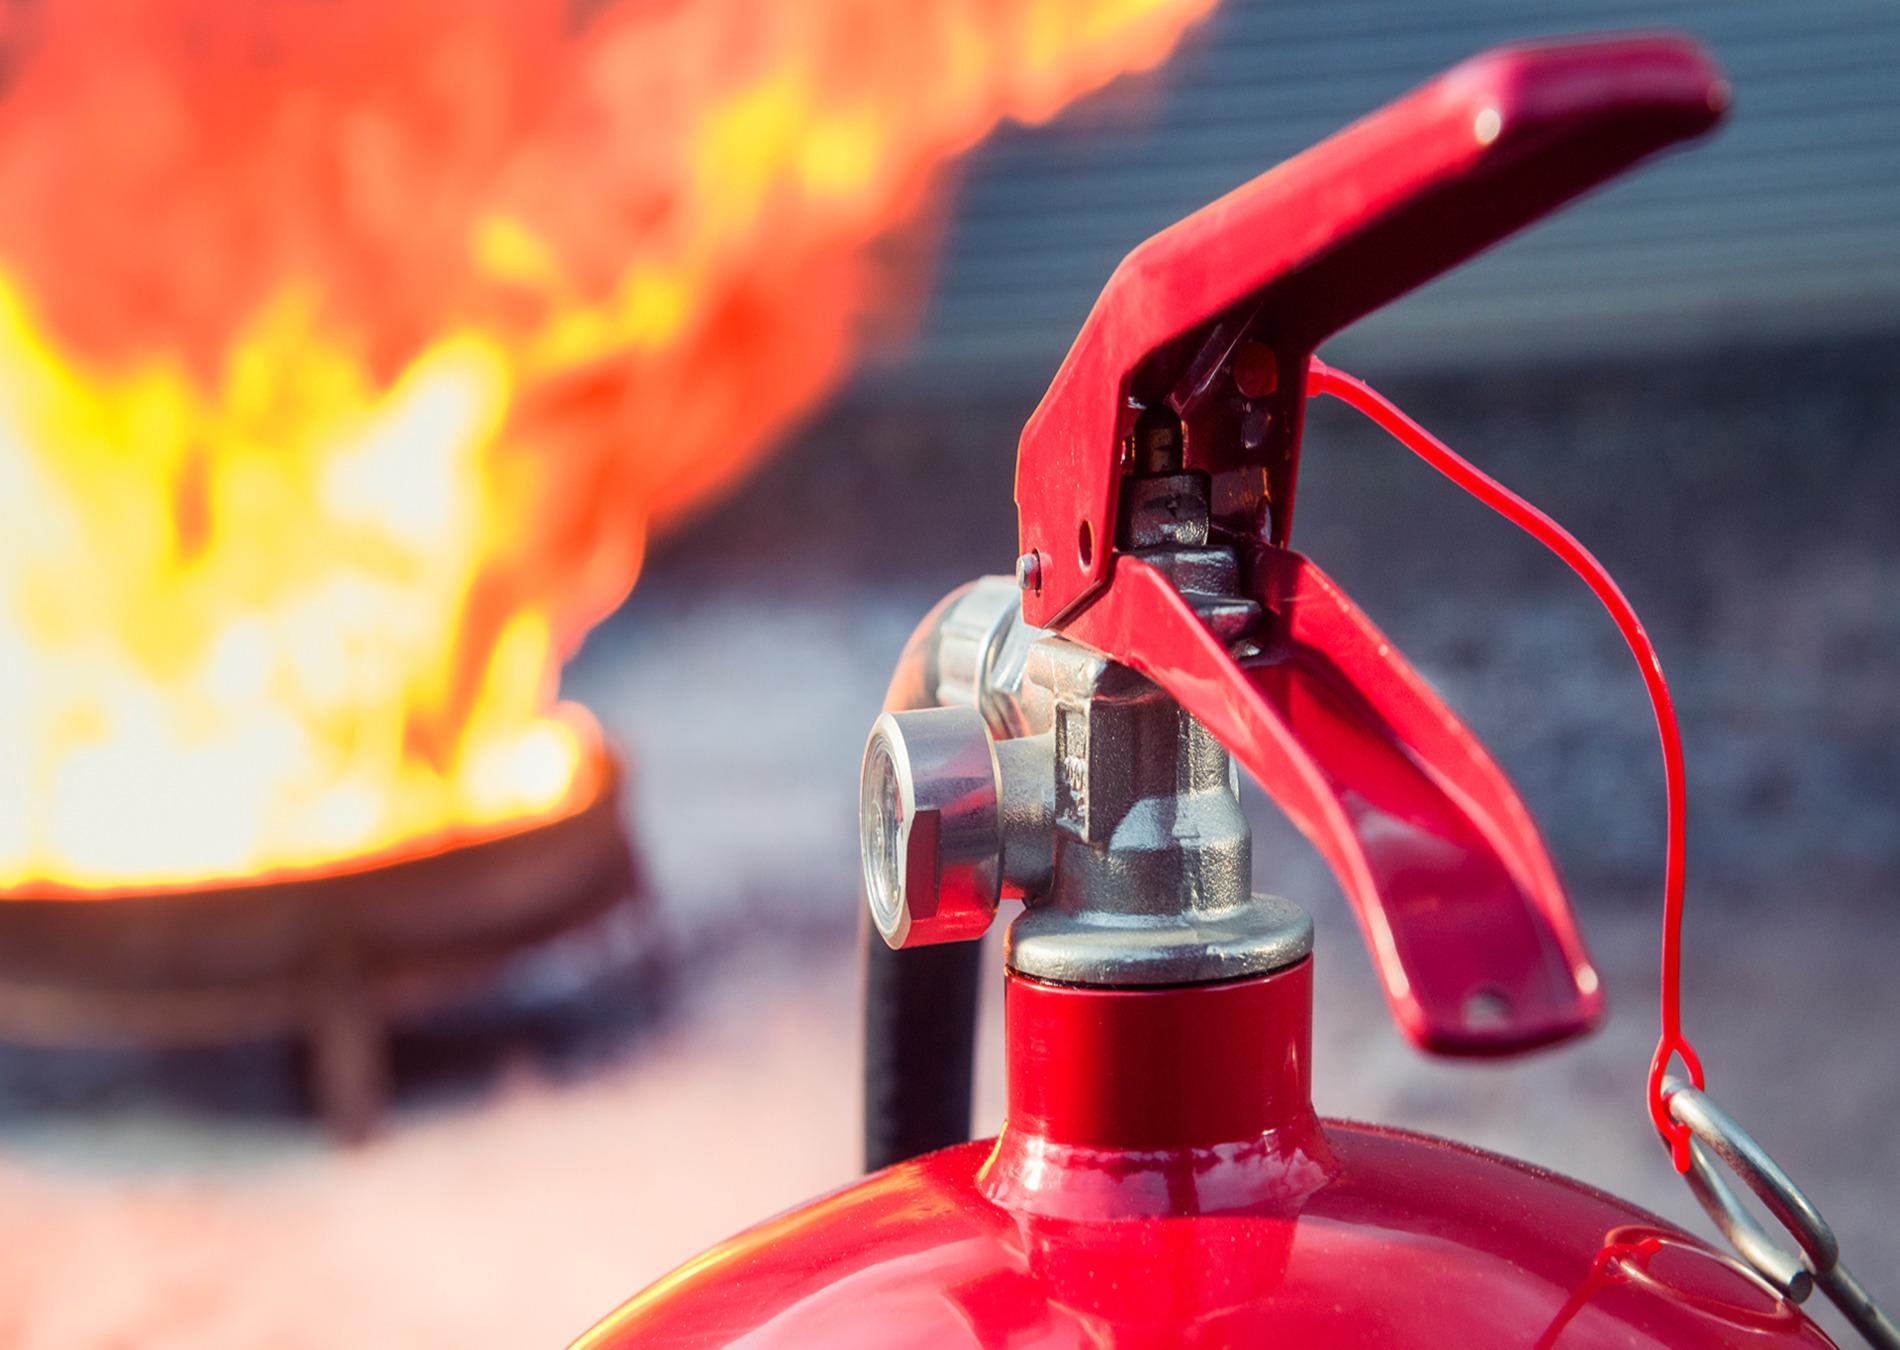 Пожарно-технический минимум для руководителей, главных специалистов и должностных лиц, ответственных за обеспечение пожарной безопасности